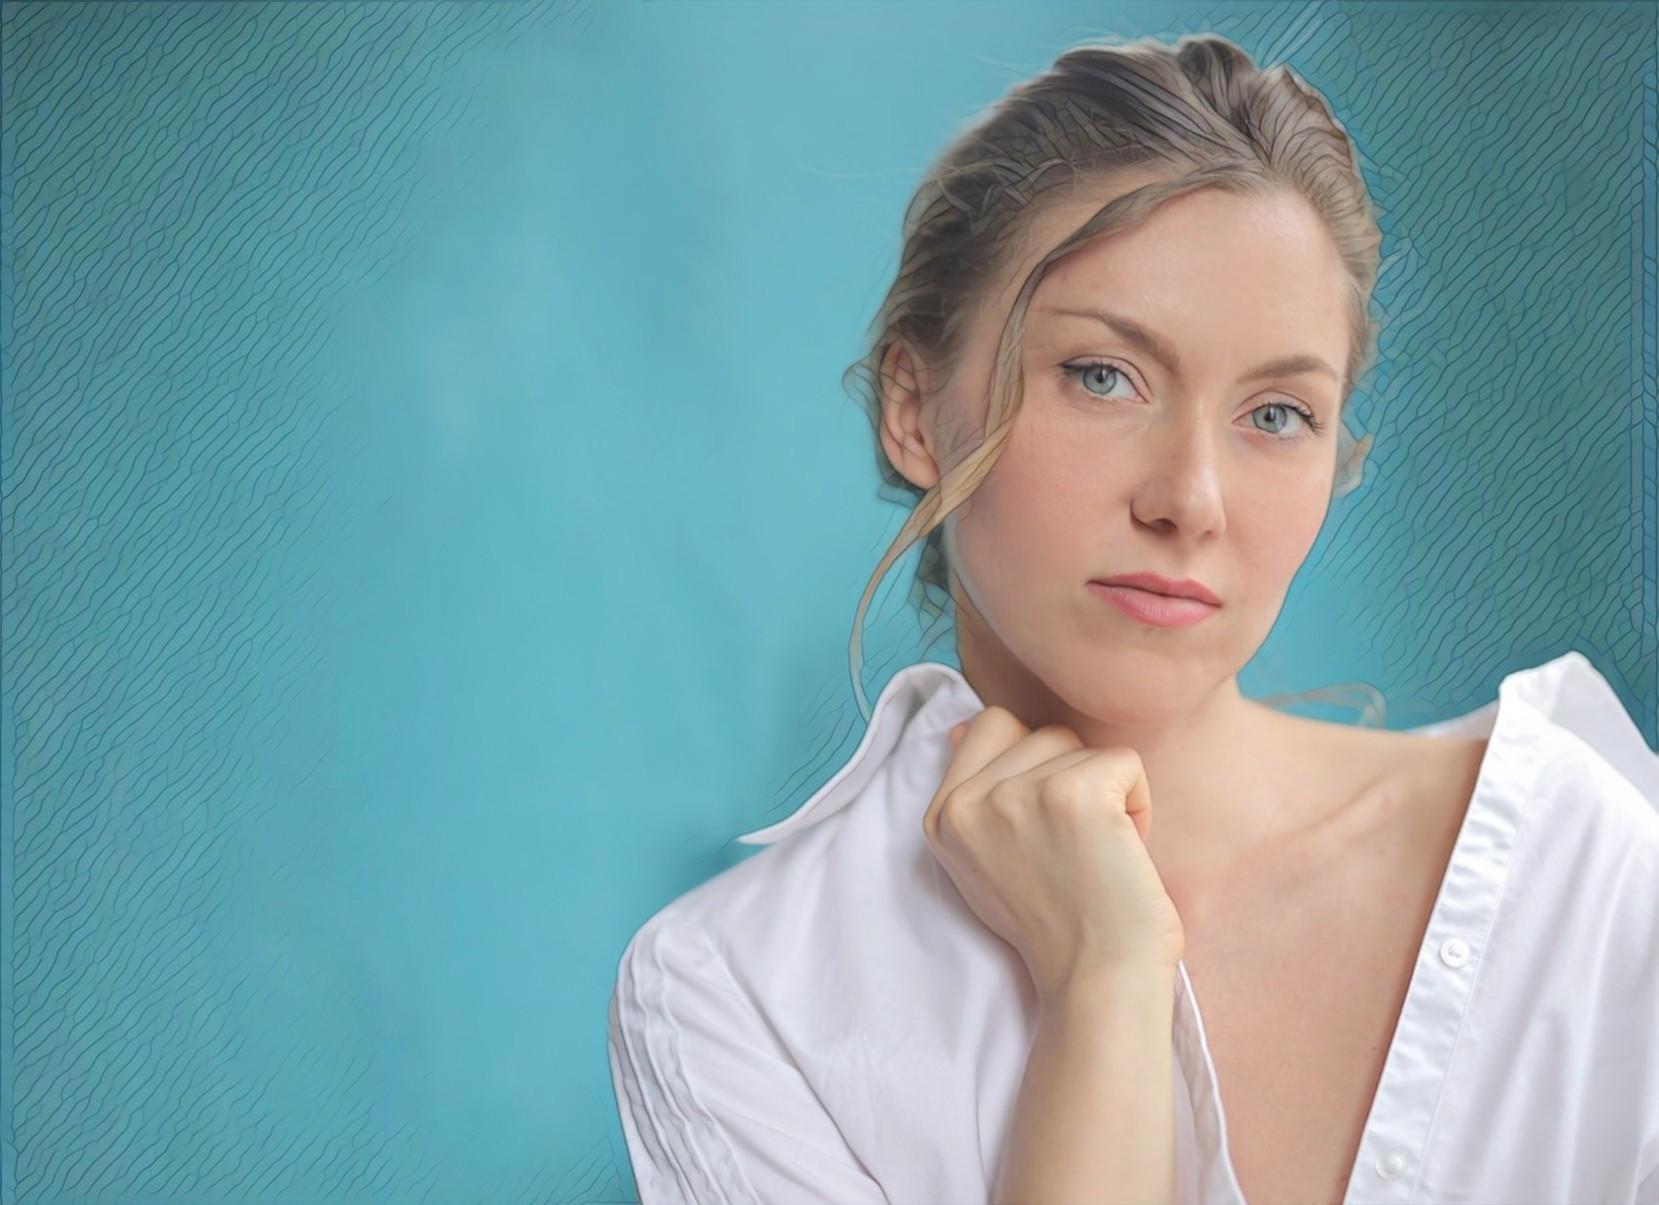 фото крупным планом красивой женщины в белой рубашке